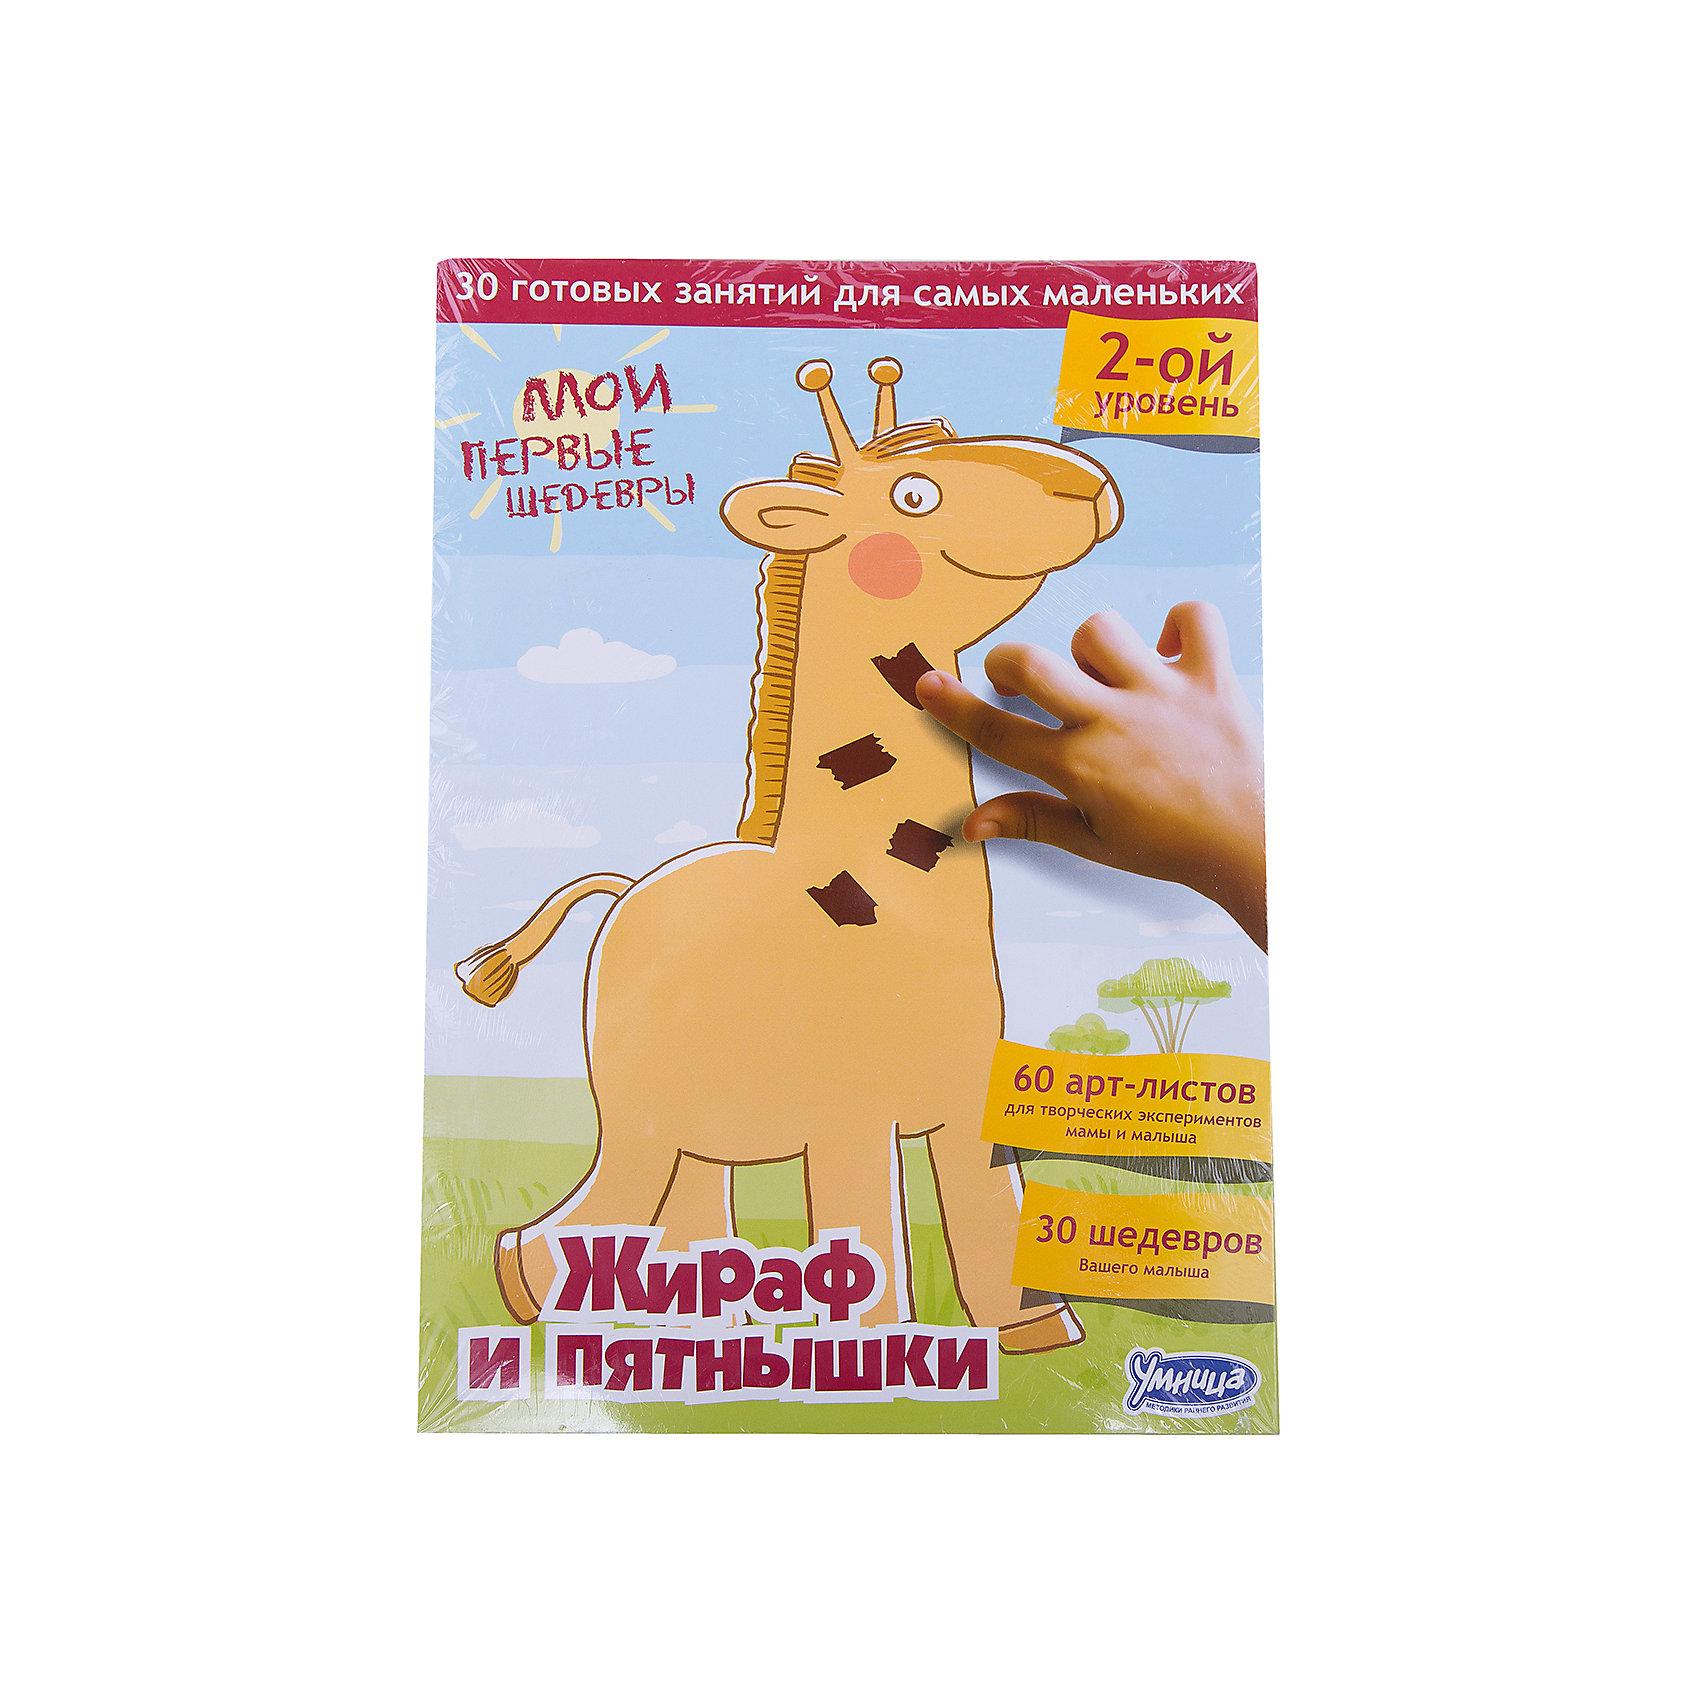 Комплект Мои первые шедевры. Жираф и пятнышкиКомплект Мои первые шедевры. Жираф и пятнышки - это проверенная методика творческого развития для Вашего малыша.<br>Комплект «Мои первые шедевры. Жираф и пятнышки» Второй уровень сложности  – это Ваш лучший выбор для творческого развития малыша. С помощью этого комплекта Вы легко познакомите ребёнка с различными творческими техниками, например, рисованием краской или карандашами, обрывной аппликацией, рисованием пальчиками. Малыш научится правильно держать кисточку, рисовать карандашом, работать с бумагой и пластилином, различать цвета и оттенки и создавать свои первые художественные шедевры. Особенность занятий по комплекту – это самостоятельность малыша. Каждое мини-занятие существует в двух экземплярах: арт-лист для мамы и арт-лист для ребёнка. Арт-лист для мамы содержит подробное задание, прочитав которое, Вы поймёте, что нужно сделать и сможете показать пример ребёнку. Ваш кроха также может попрактиковаться на Вашем арт-листе, чтобы уверенно начать работать на своём. Арт-лист ребёнка не имеет текста с заданием, на нём малыш сам создаёт свой первый шедевр. Такие упражнения помогают формировать самостоятельность, ведь кроха творит здесь уже без Вашей помощи! В результате занятий у ребёнка развивается мелкая моторика, координация руки, интеллект, формируется восприятие цветов, оттенков, размеров, развивается воображение, воспитывается любовь к творчеству.<br><br>Дополнительная информация:<br><br>- В комплекте: 30 арт-листов для мамы, 30 арт-листов для малыша<br>- Размер упаковки: 21,5 х 1 х 29,5 см.<br>- Вес: 620 гр.<br><br>Комплект Мои первые шедевры. Жираф и пятнышки можно купить в нашем интернет-магазине.<br><br>Ширина мм: 215<br>Глубина мм: 10<br>Высота мм: 295<br>Вес г: 620<br>Возраст от месяцев: 36<br>Возраст до месяцев: 84<br>Пол: Унисекс<br>Возраст: Детский<br>SKU: 4200823